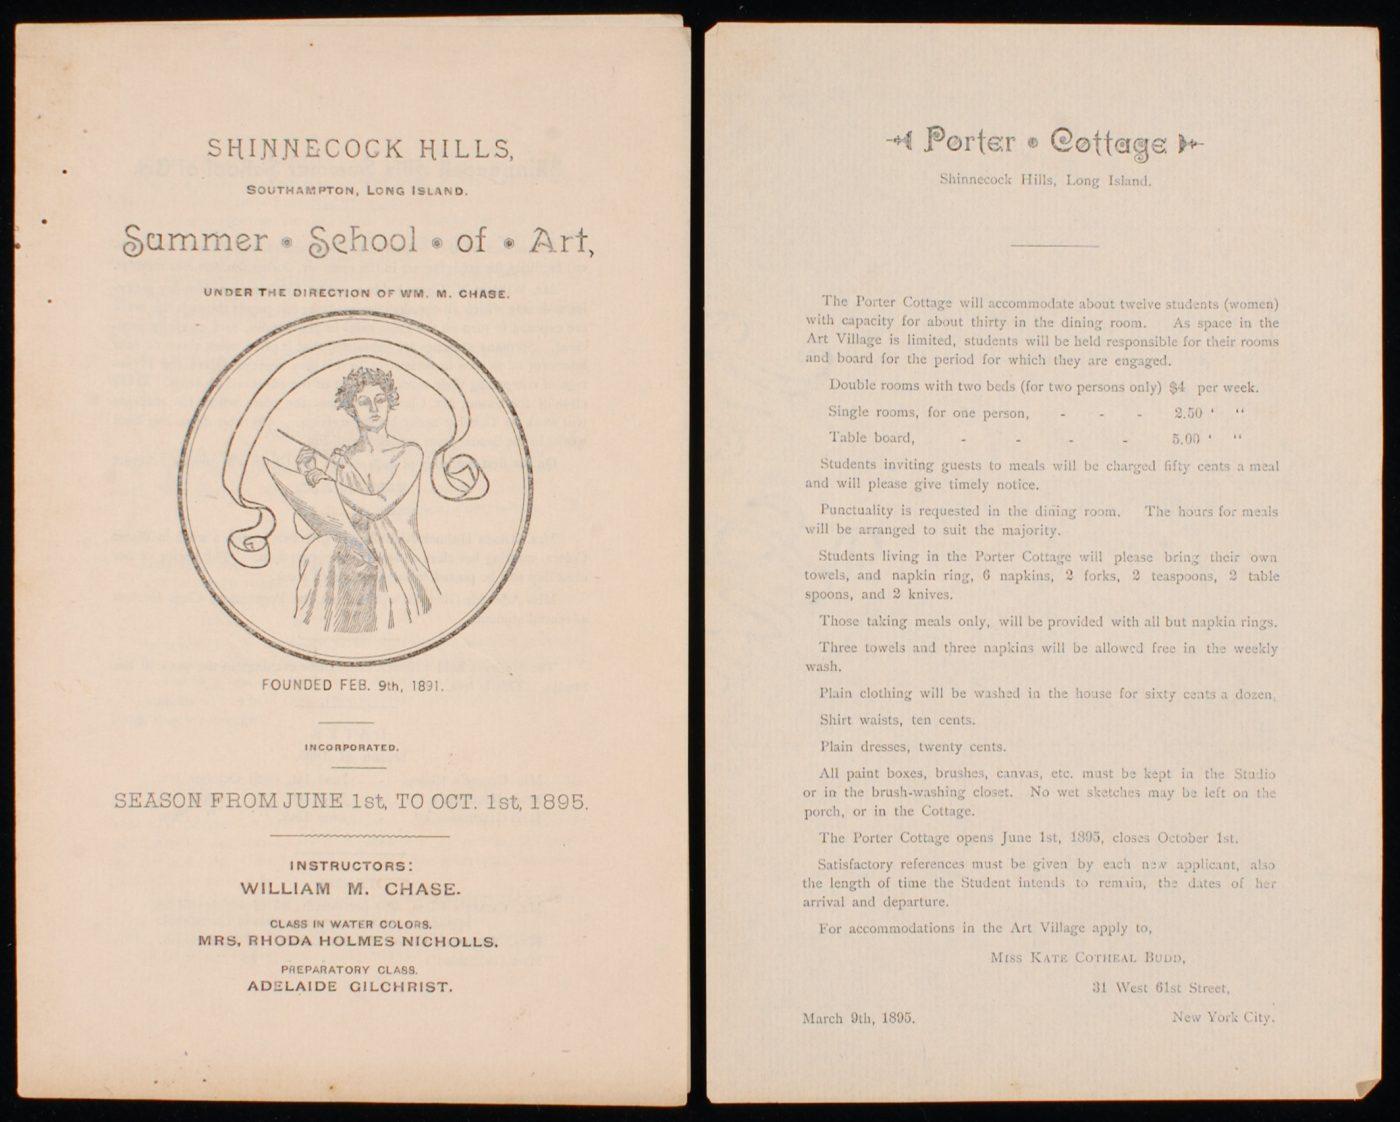 William Merritt Chase: The Shinnecock Years - Parrish Art Museum